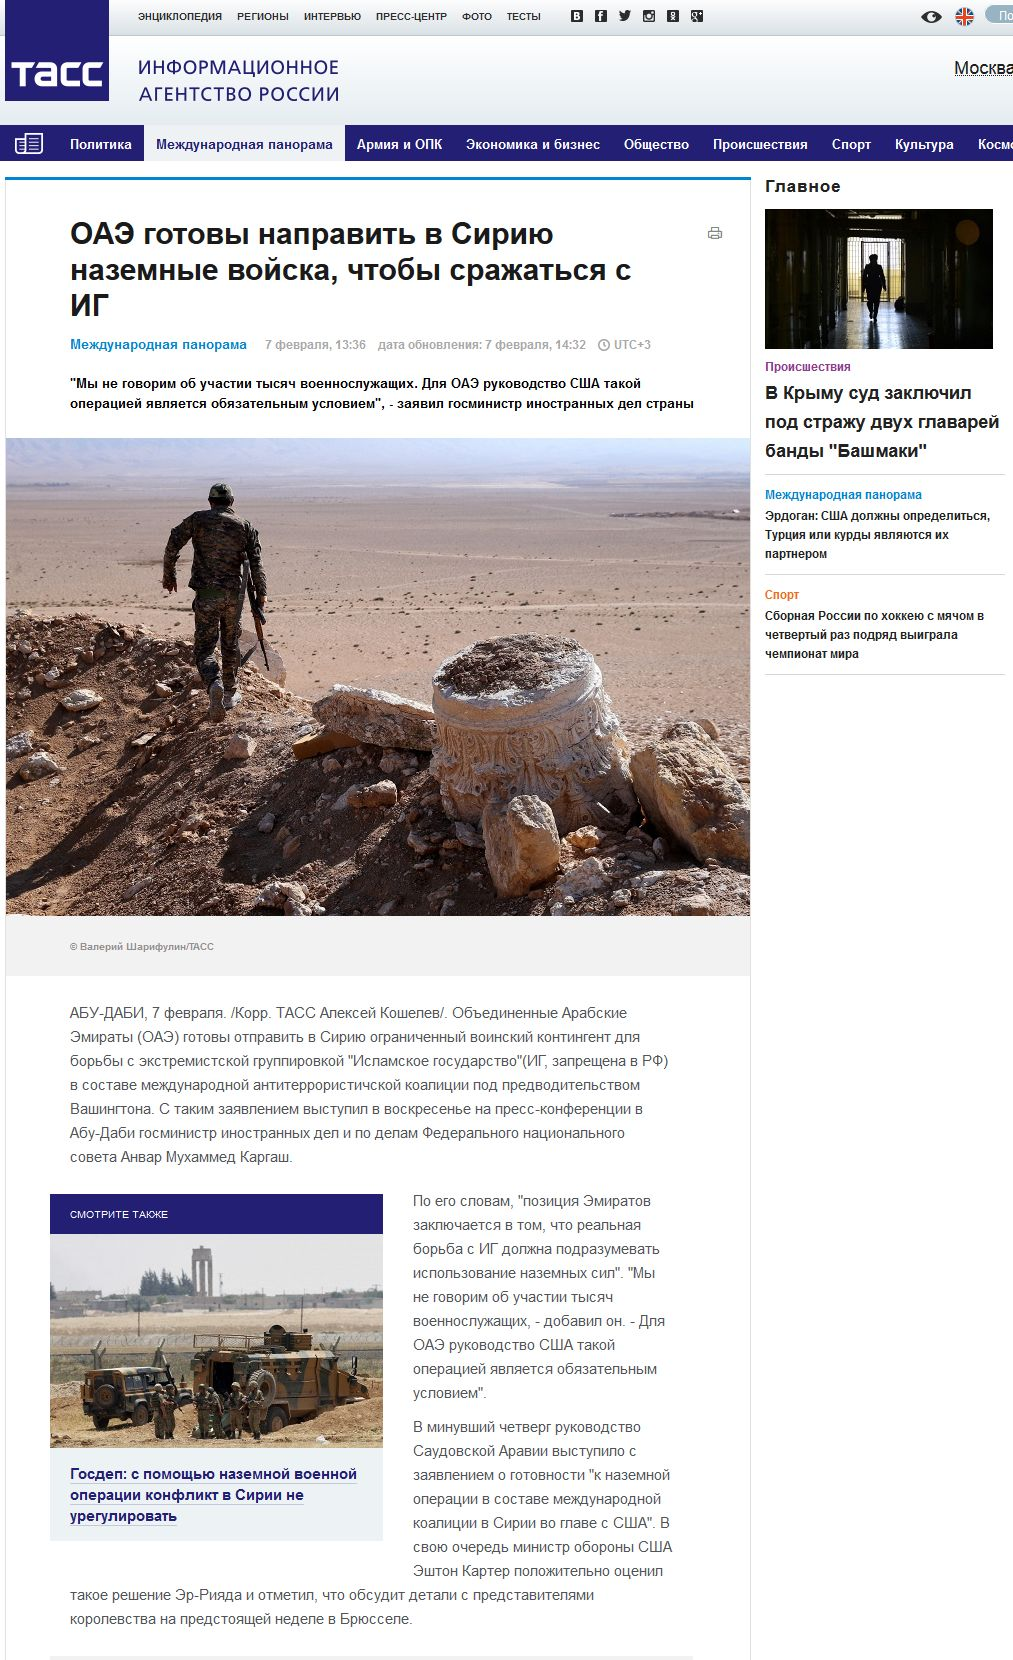 FireShot Screen Capture #1692 - 'ТАСС_ Международная панорама - ОАЭ готовы направить в Сирию наземные войска, что.jpg